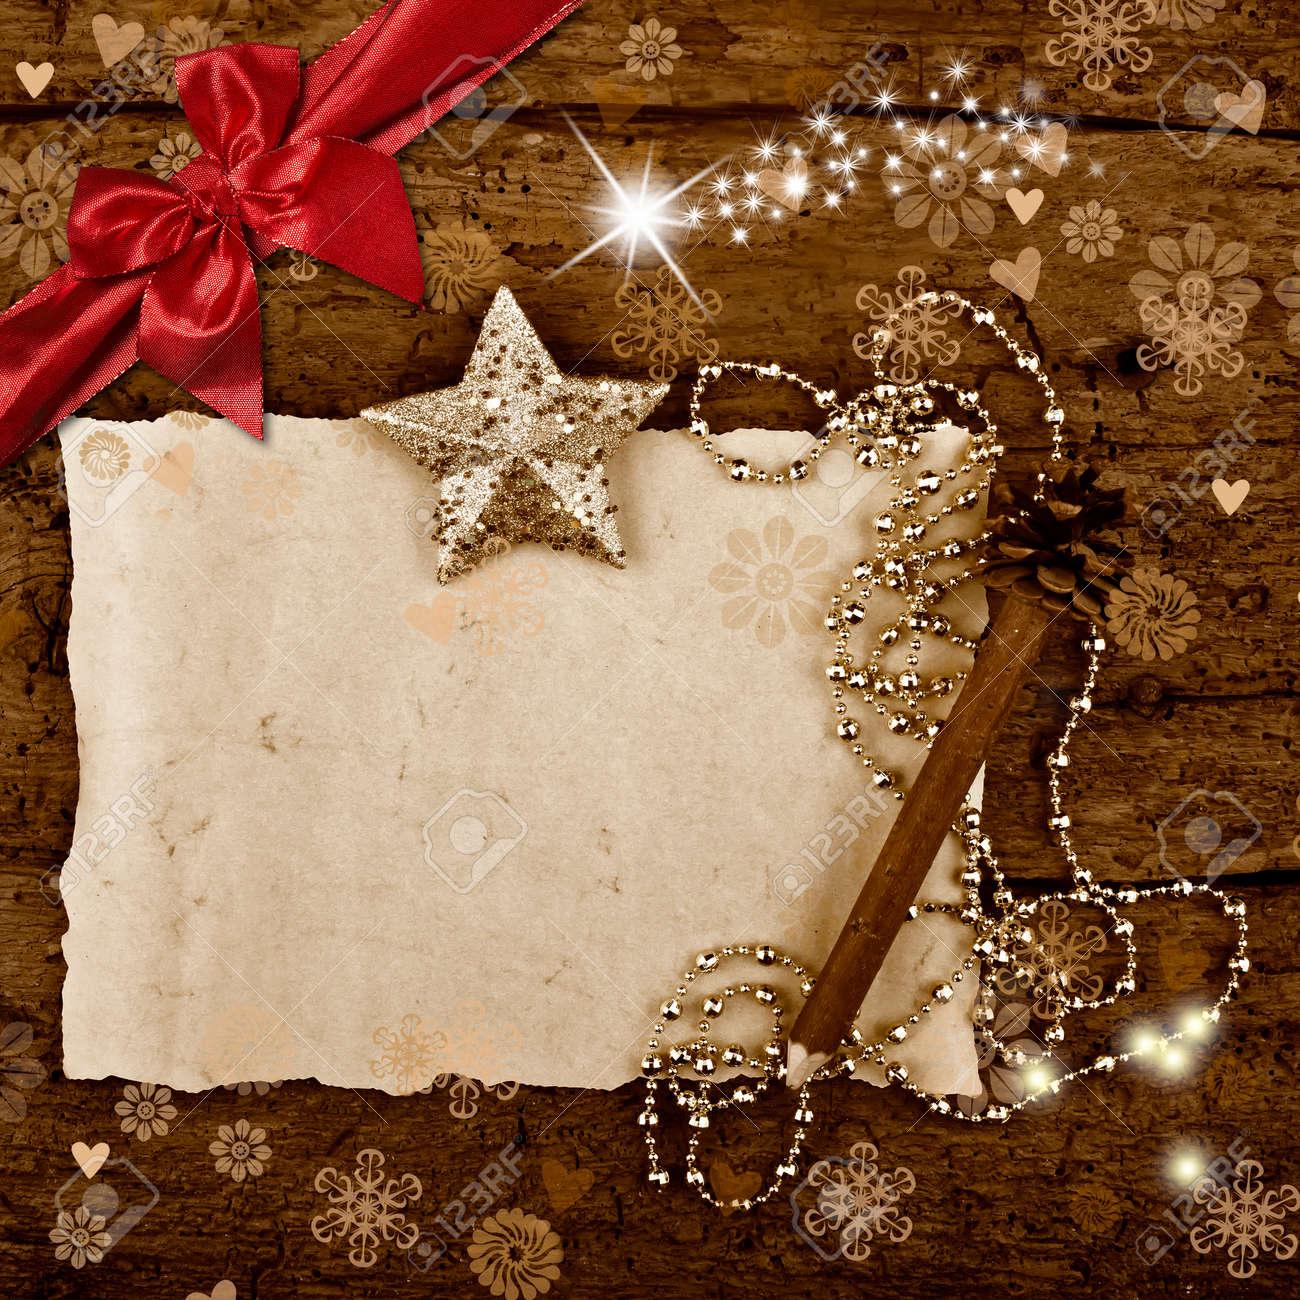 Tarjeta De Felicitación De Navidad Con Espacio En Blanco Para